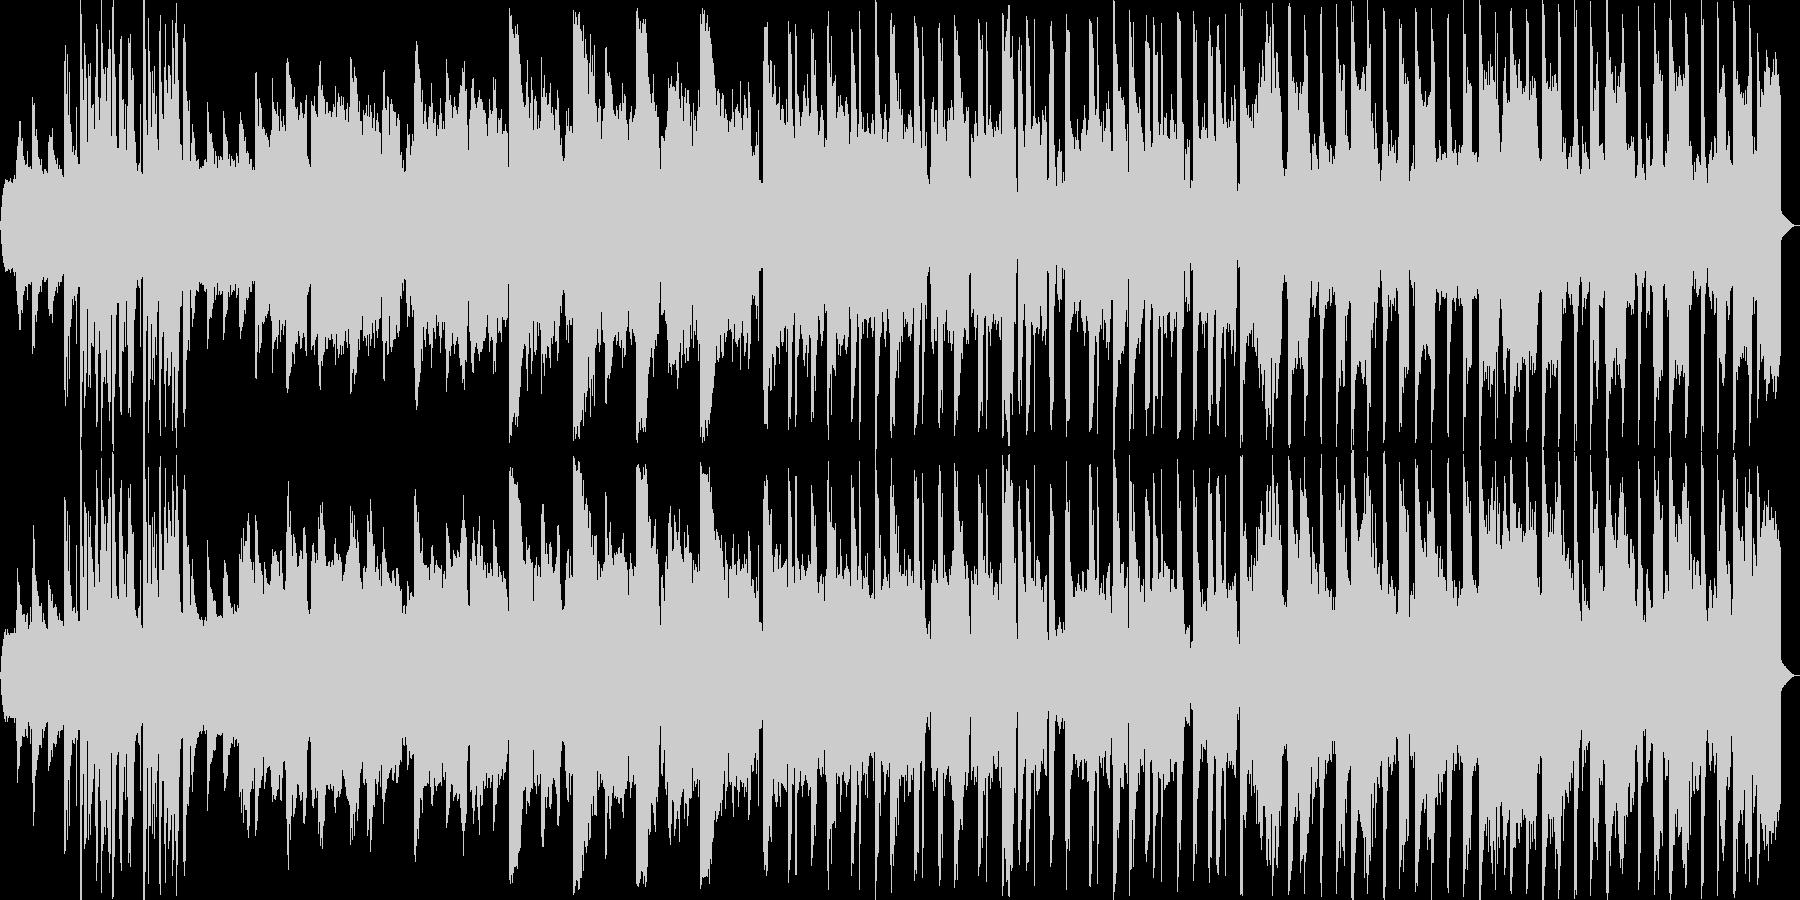 ほのぼのしたエレクトロの未再生の波形